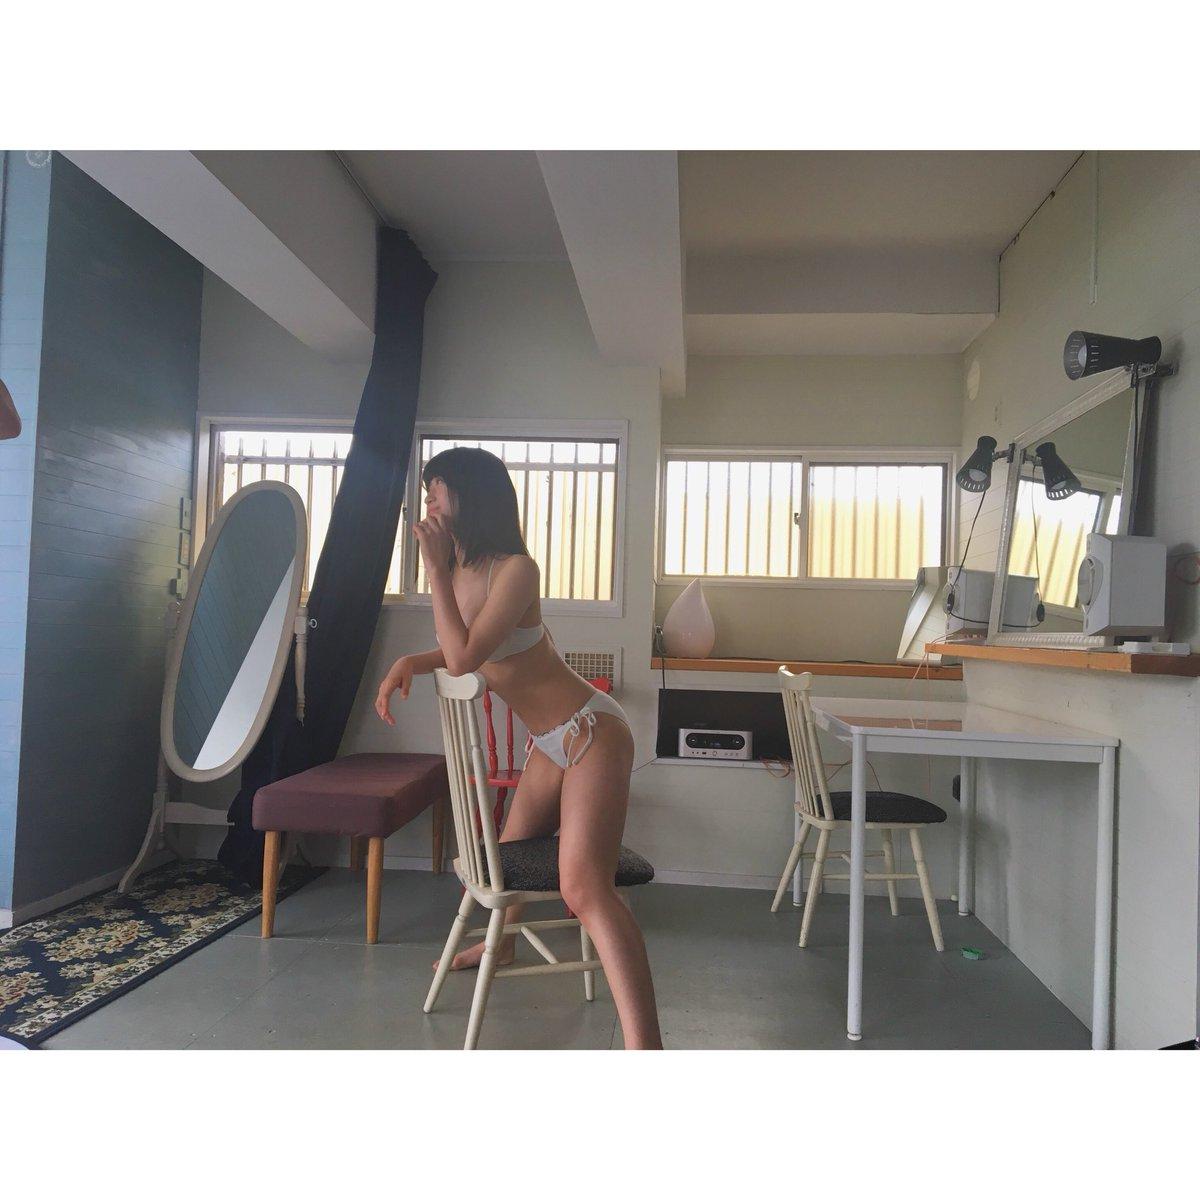 NMB48上西怜(16)Fカップが抜ける水着グラビアエロ画像45枚・18枚目の画像